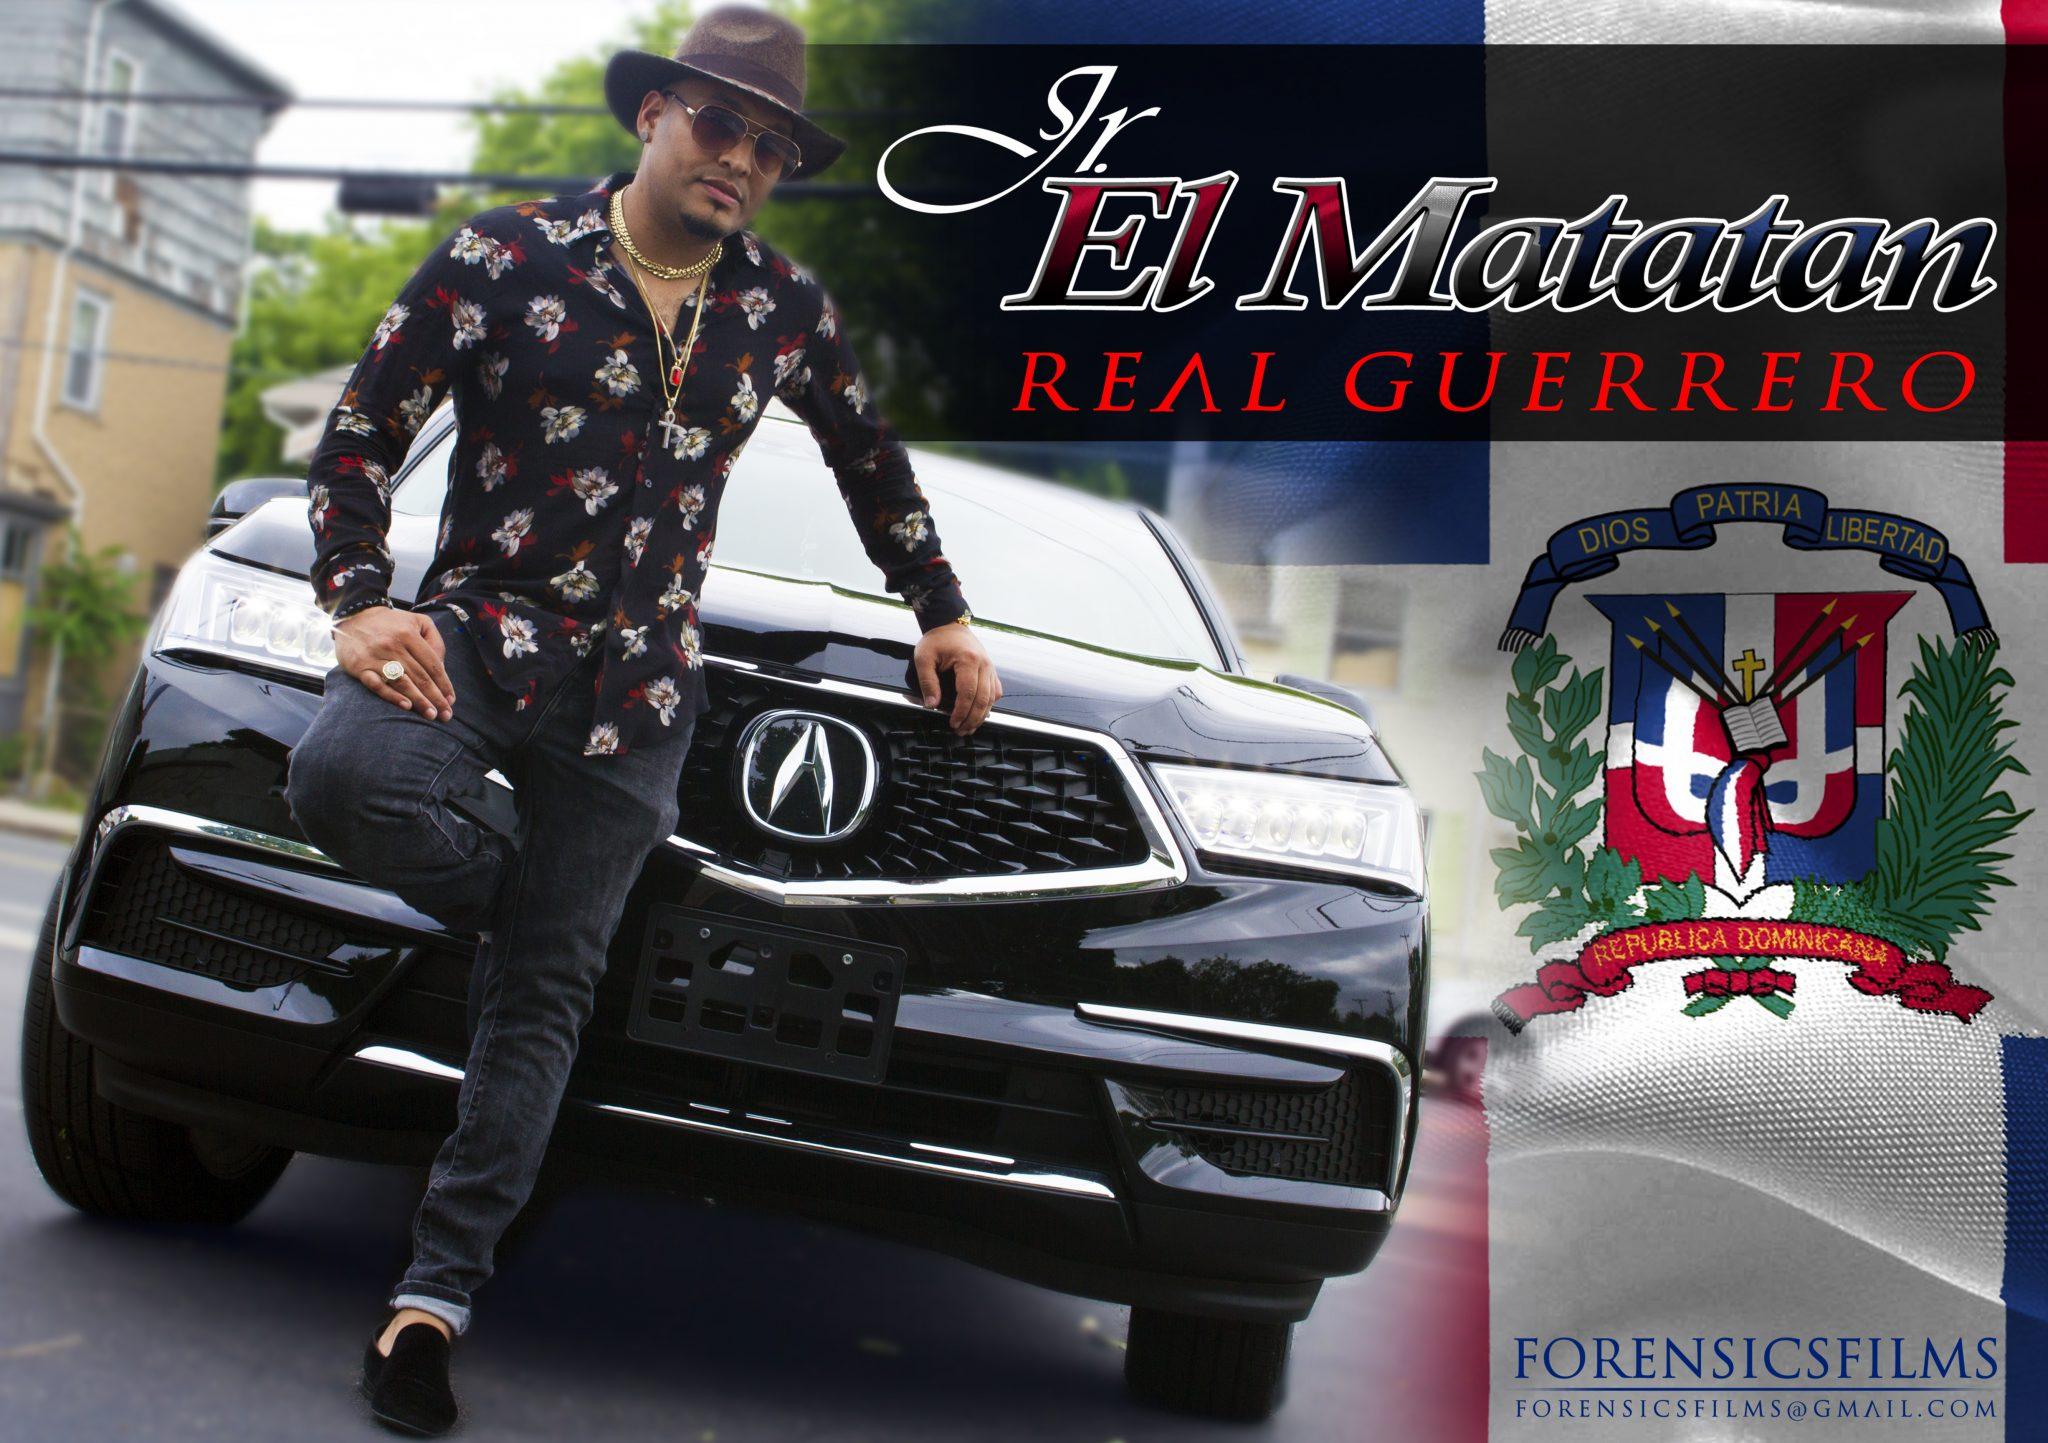 Jr El Matatan Real Guerrero - Jr El Matatan - Real Guerrero